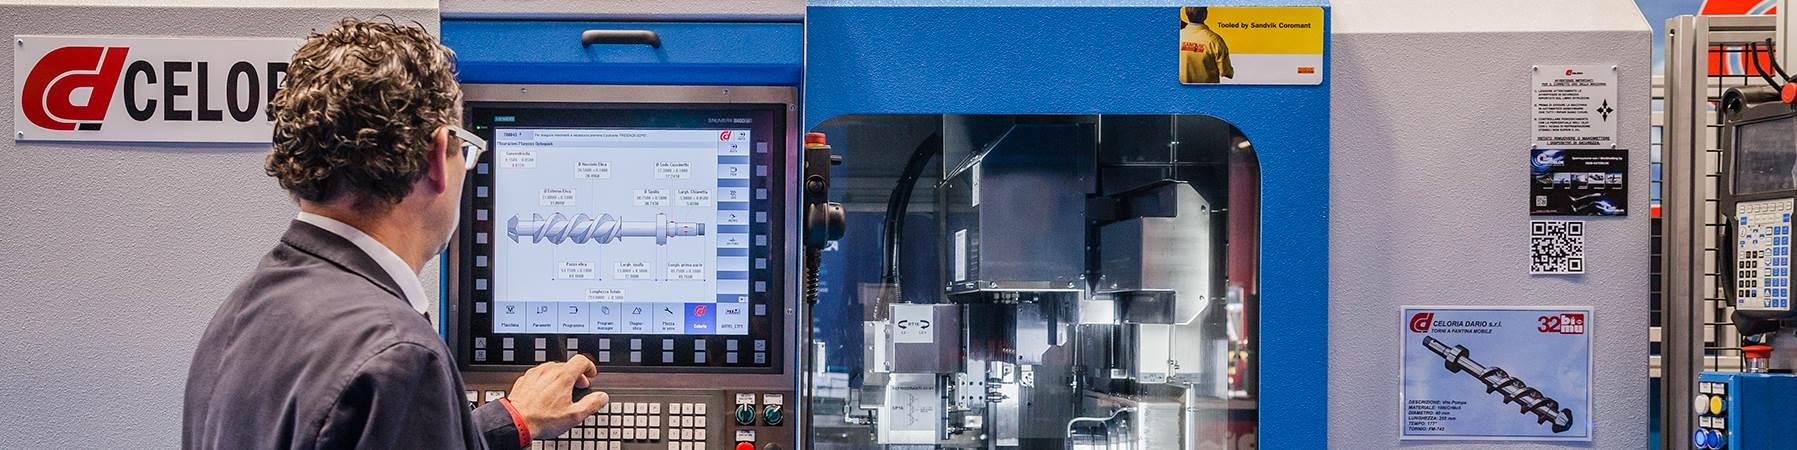 Las previsionesdeOxford Economics Econometric Institute muestran una recuperación de las inversiones en tecnologías de producción en todo el mundo a partir de 2021. Foto: BI-MU.